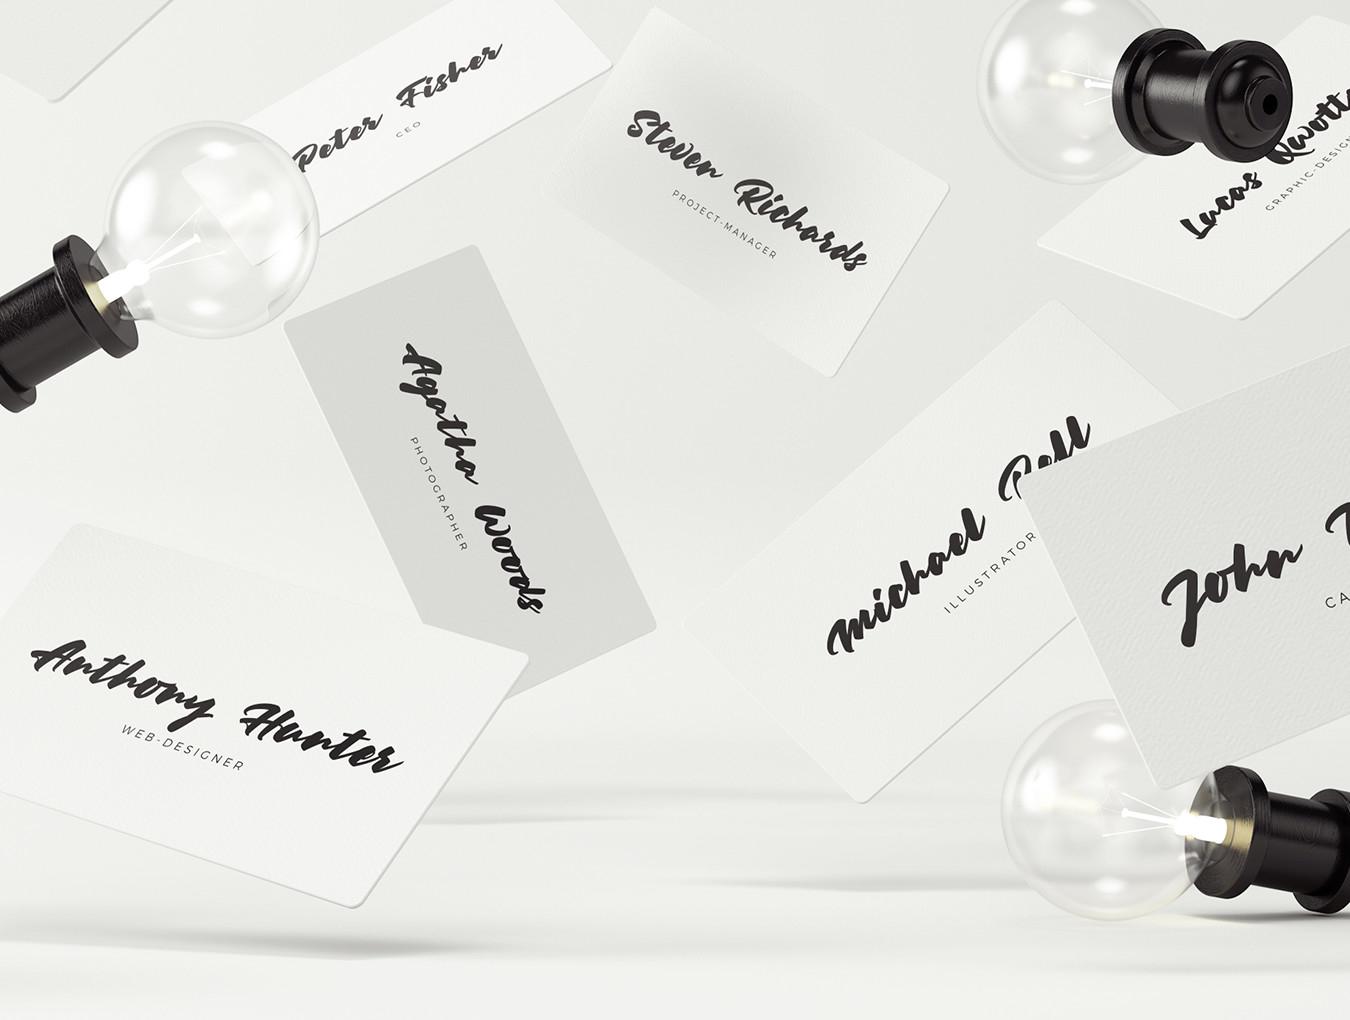 超级艺术的高端设计字体 其他-第3张